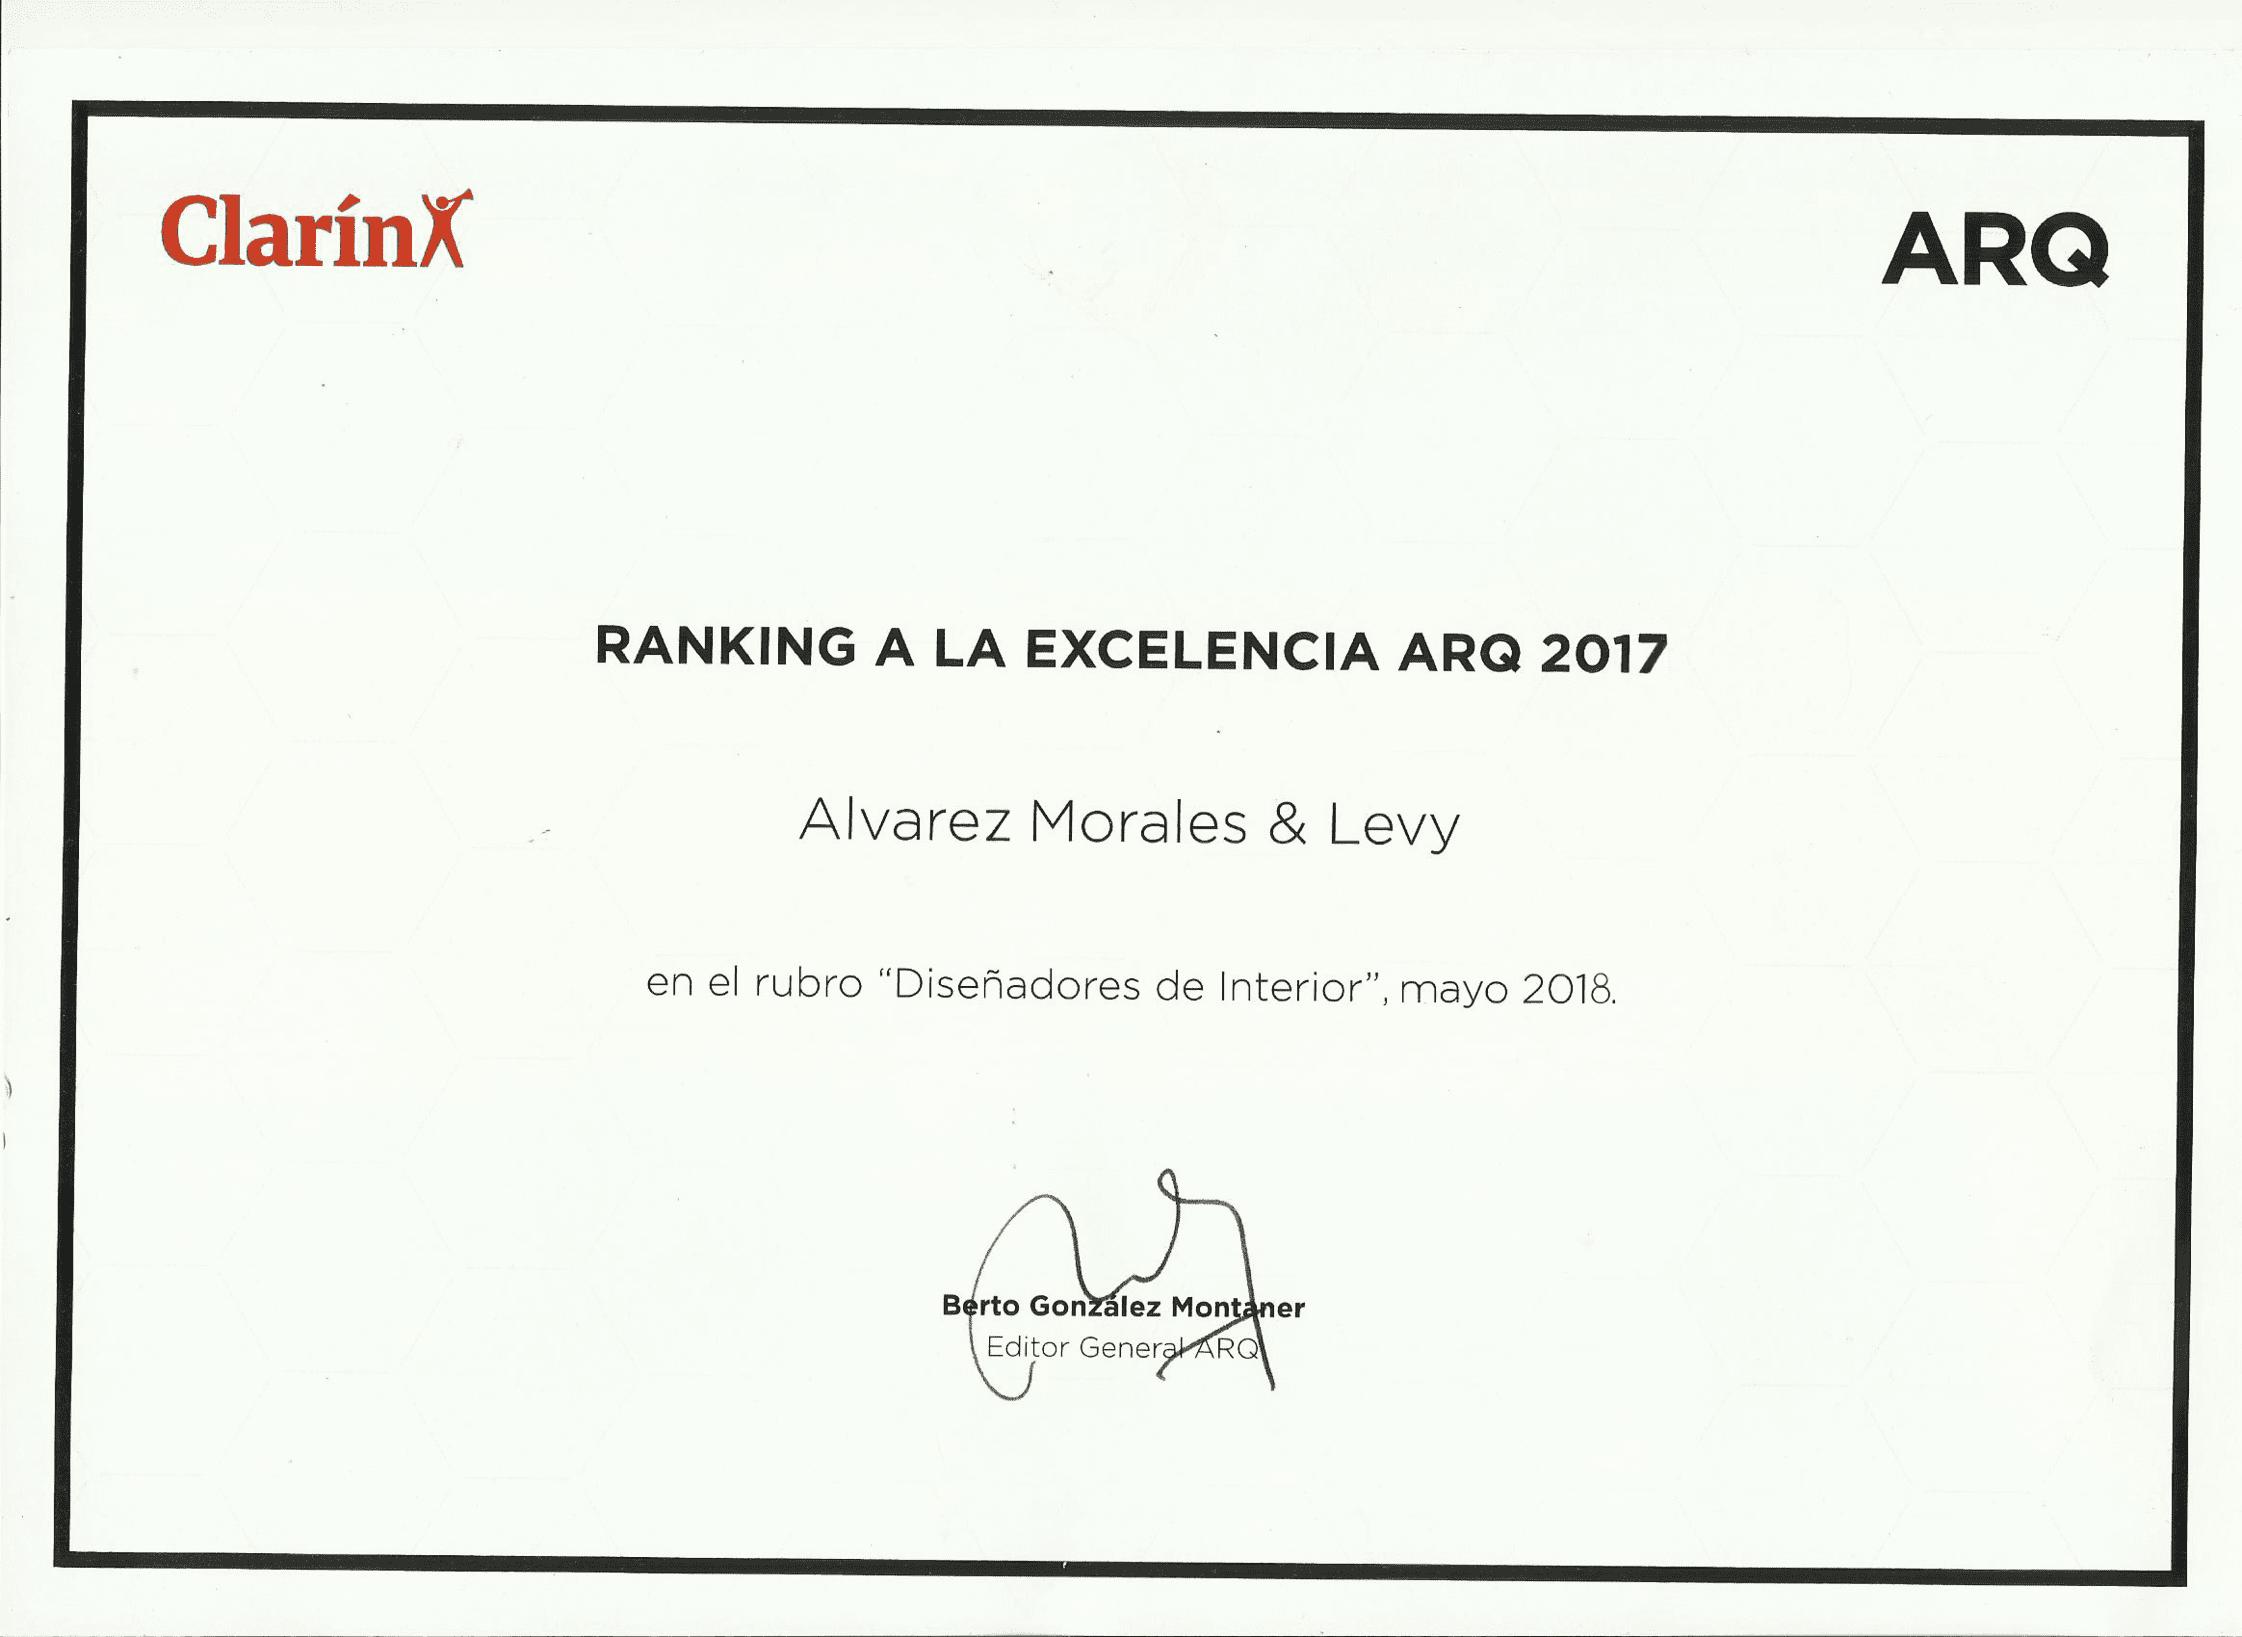 clarin-2017